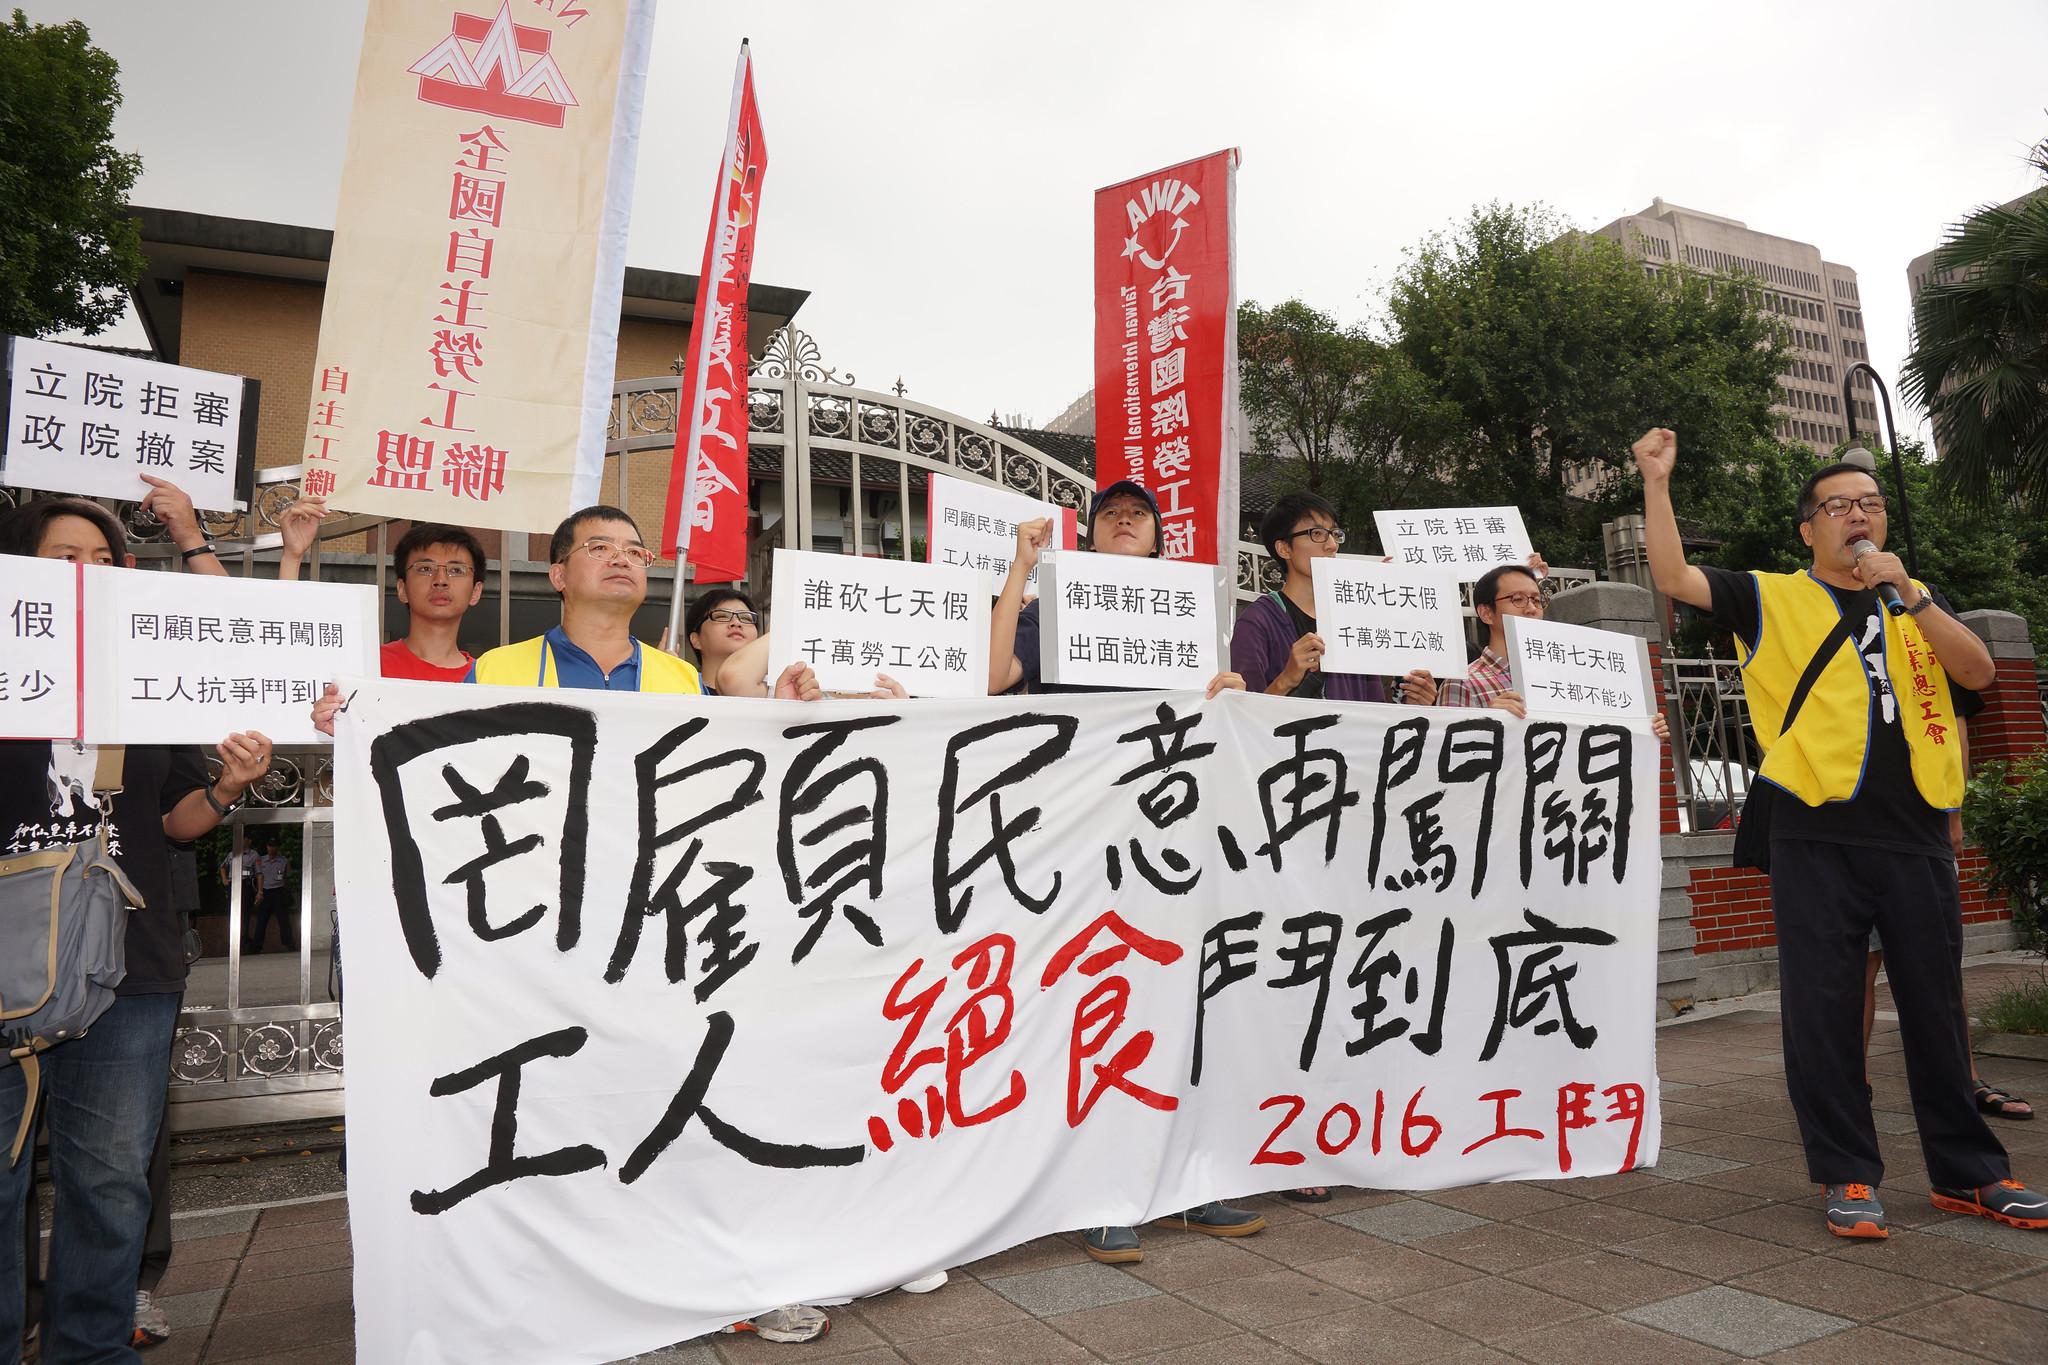 工鬥團體預告將於9月28日民進黨黨慶當天,赴圓山飯店抗議。(攝影:王顥中)